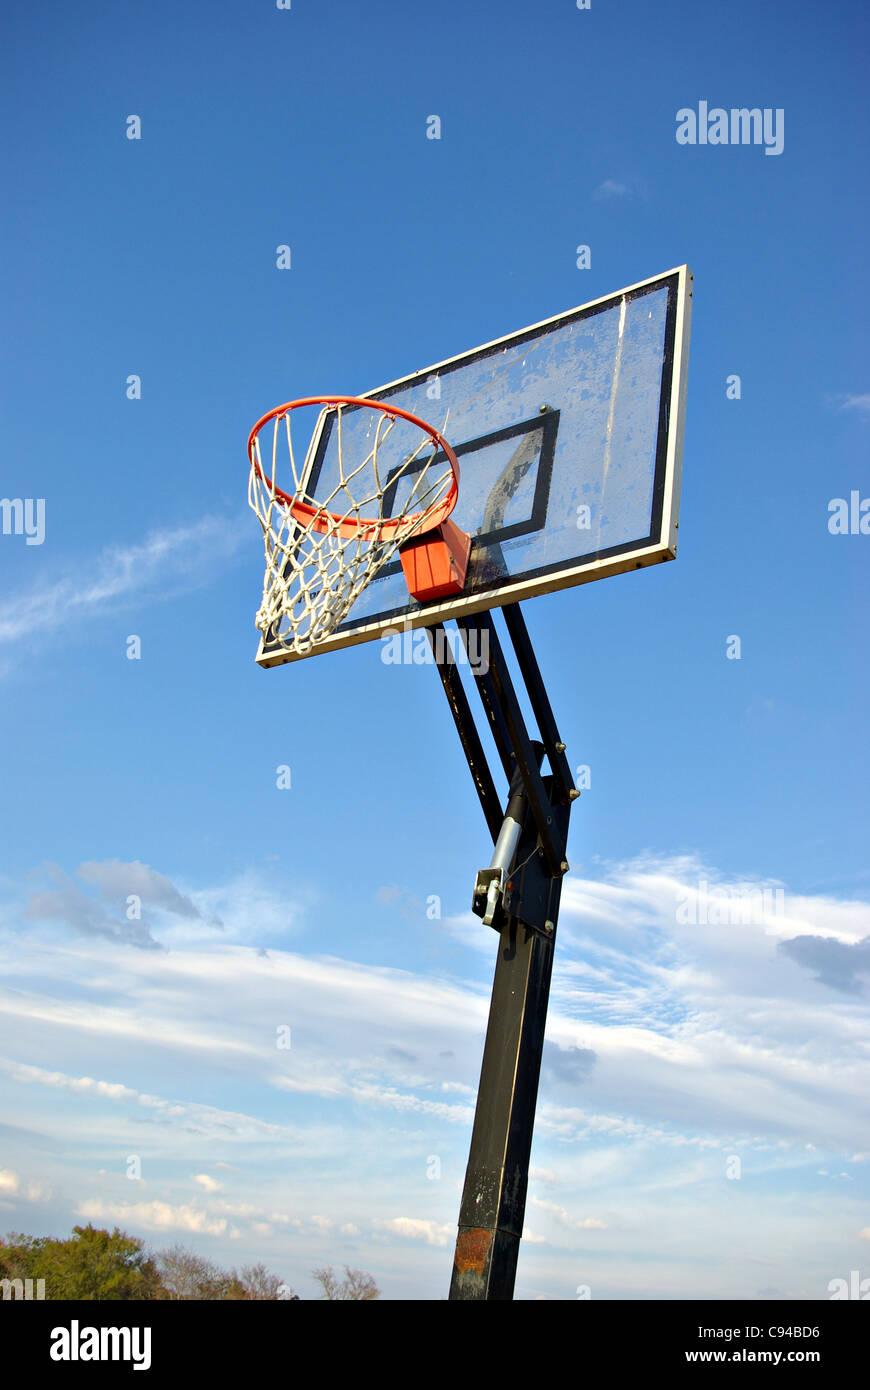 Un objetivo de baloncesto con el cielo de fondo en el país. Imagen De Stock